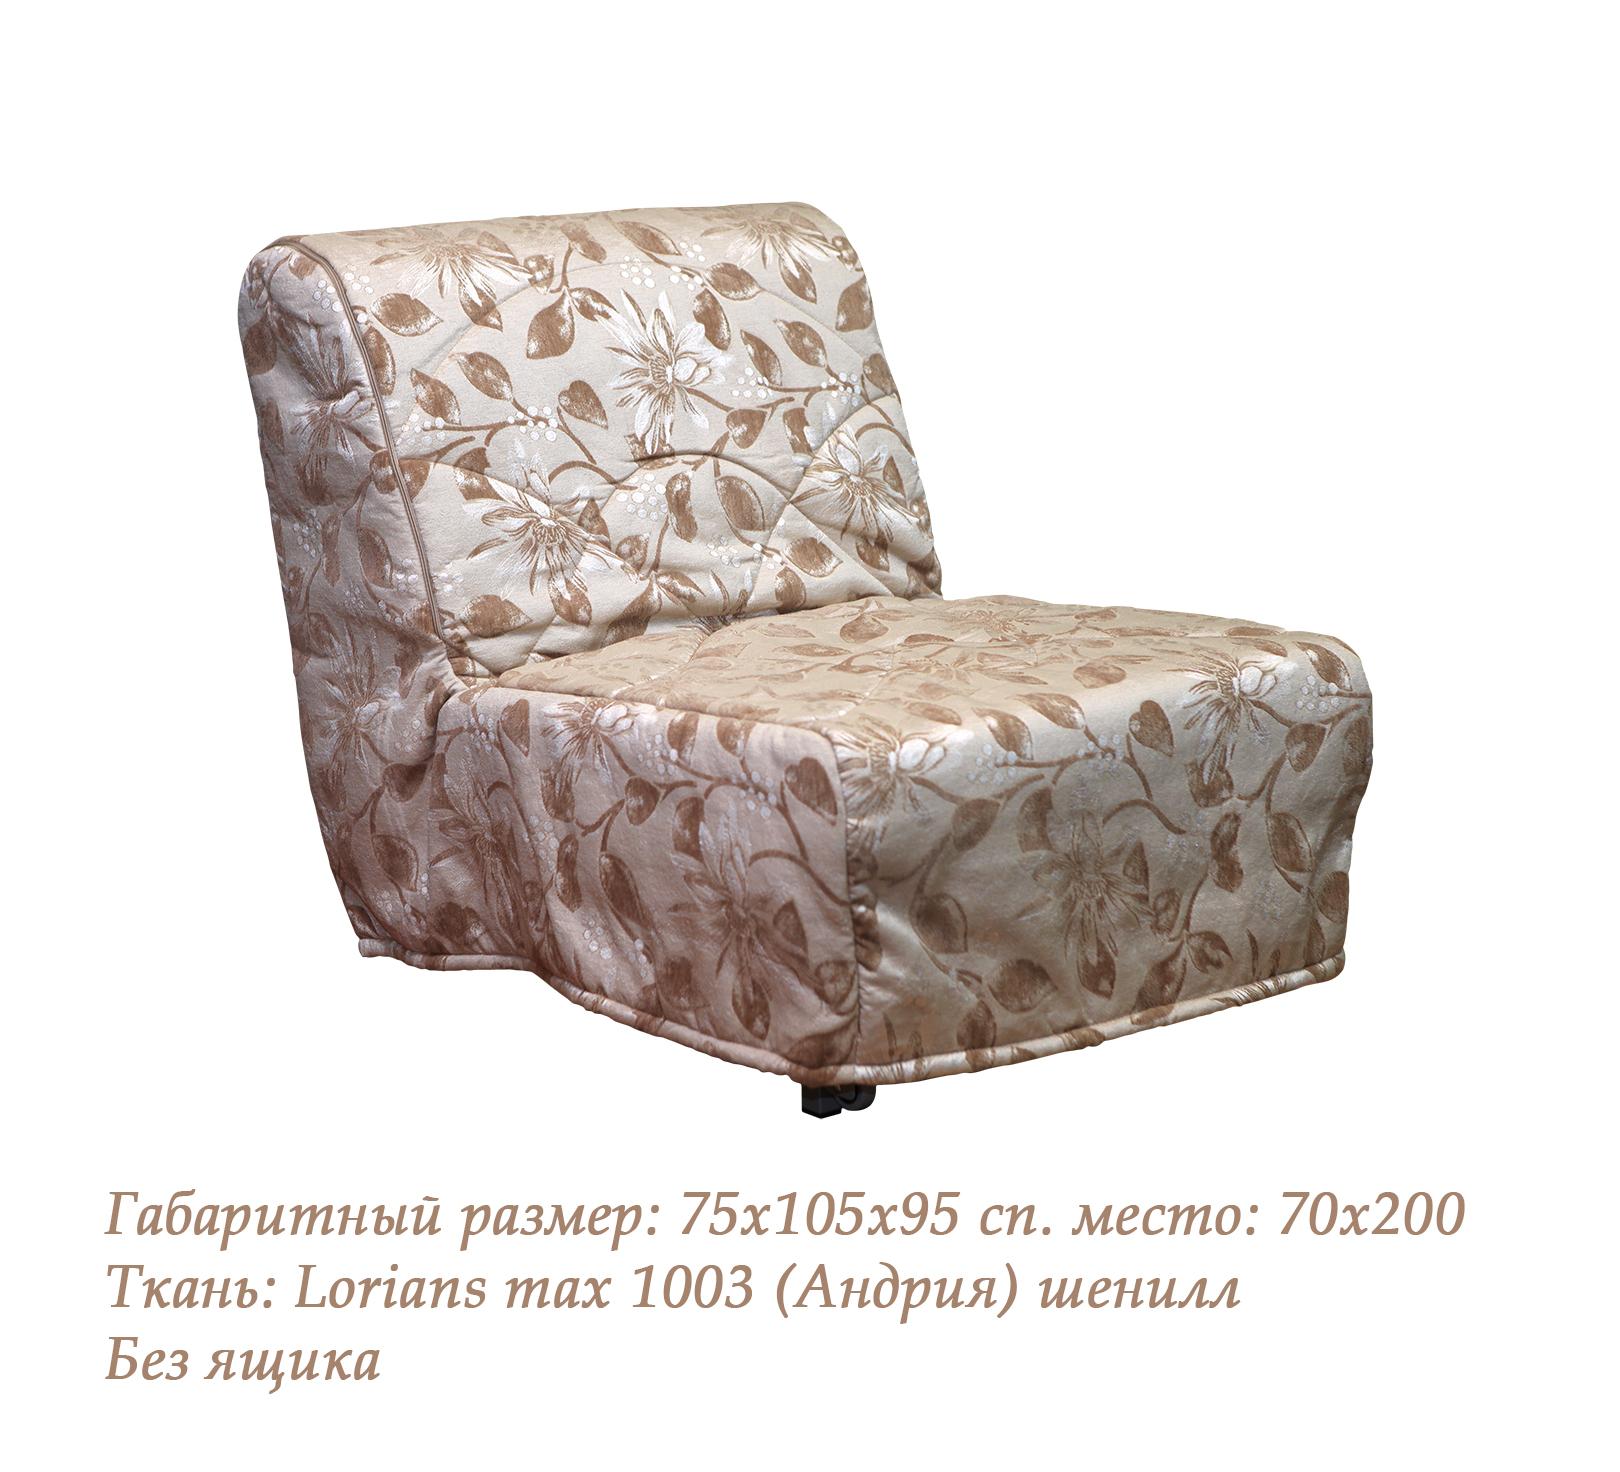 Кресло-кровать Киссар-527 — Кресло-кровать Киссар